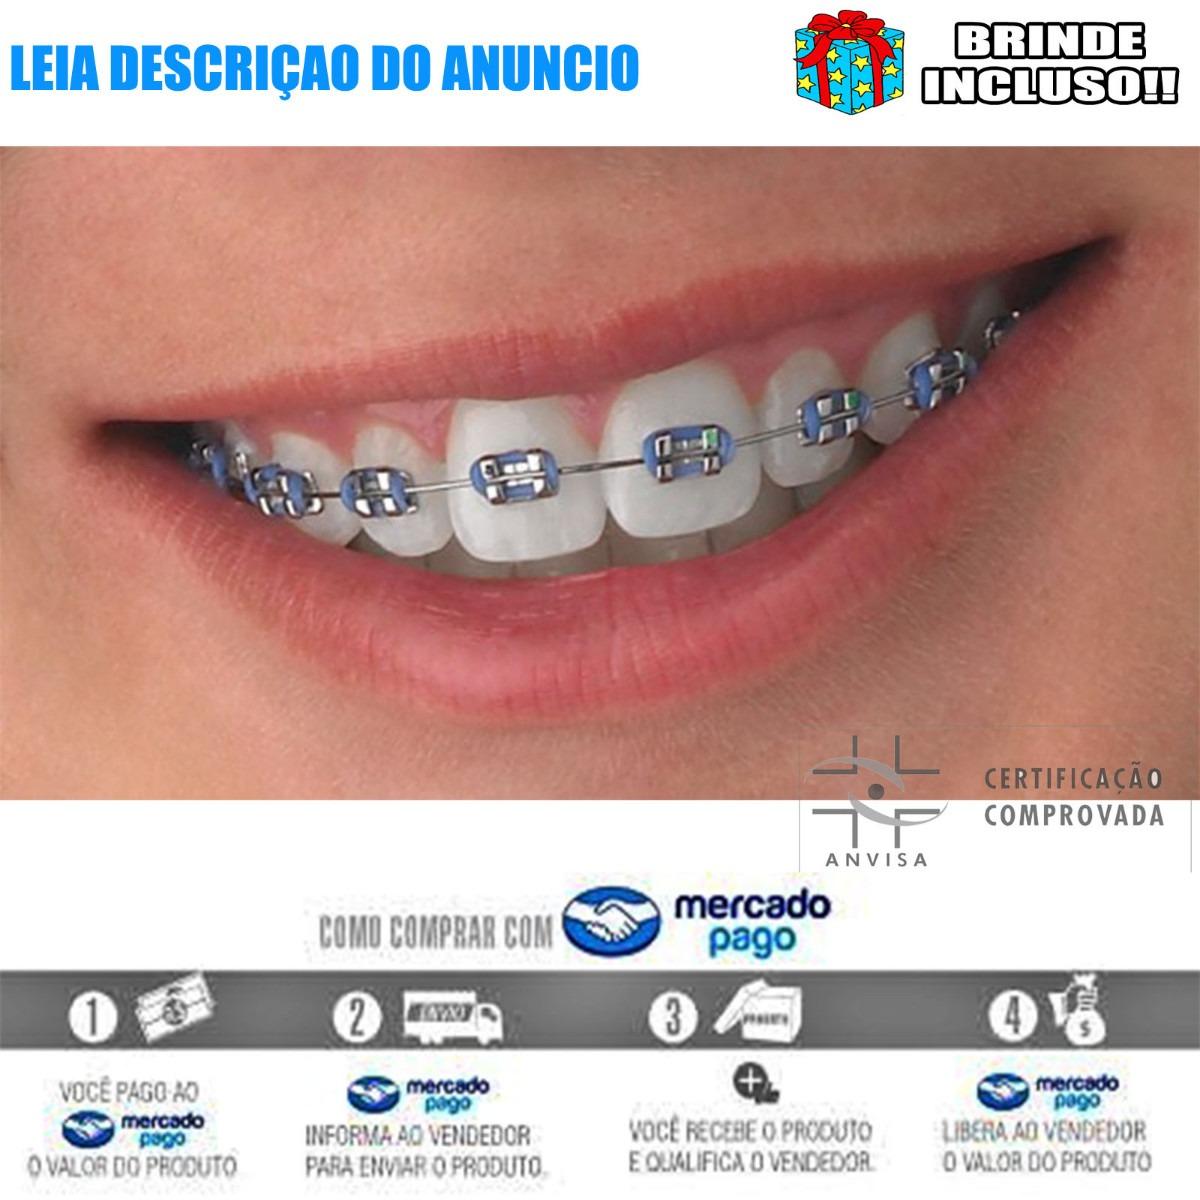 74efdd47e Aparelho Dentario 2 Pessoas Completa 2019 + Frete Gratis - R  229